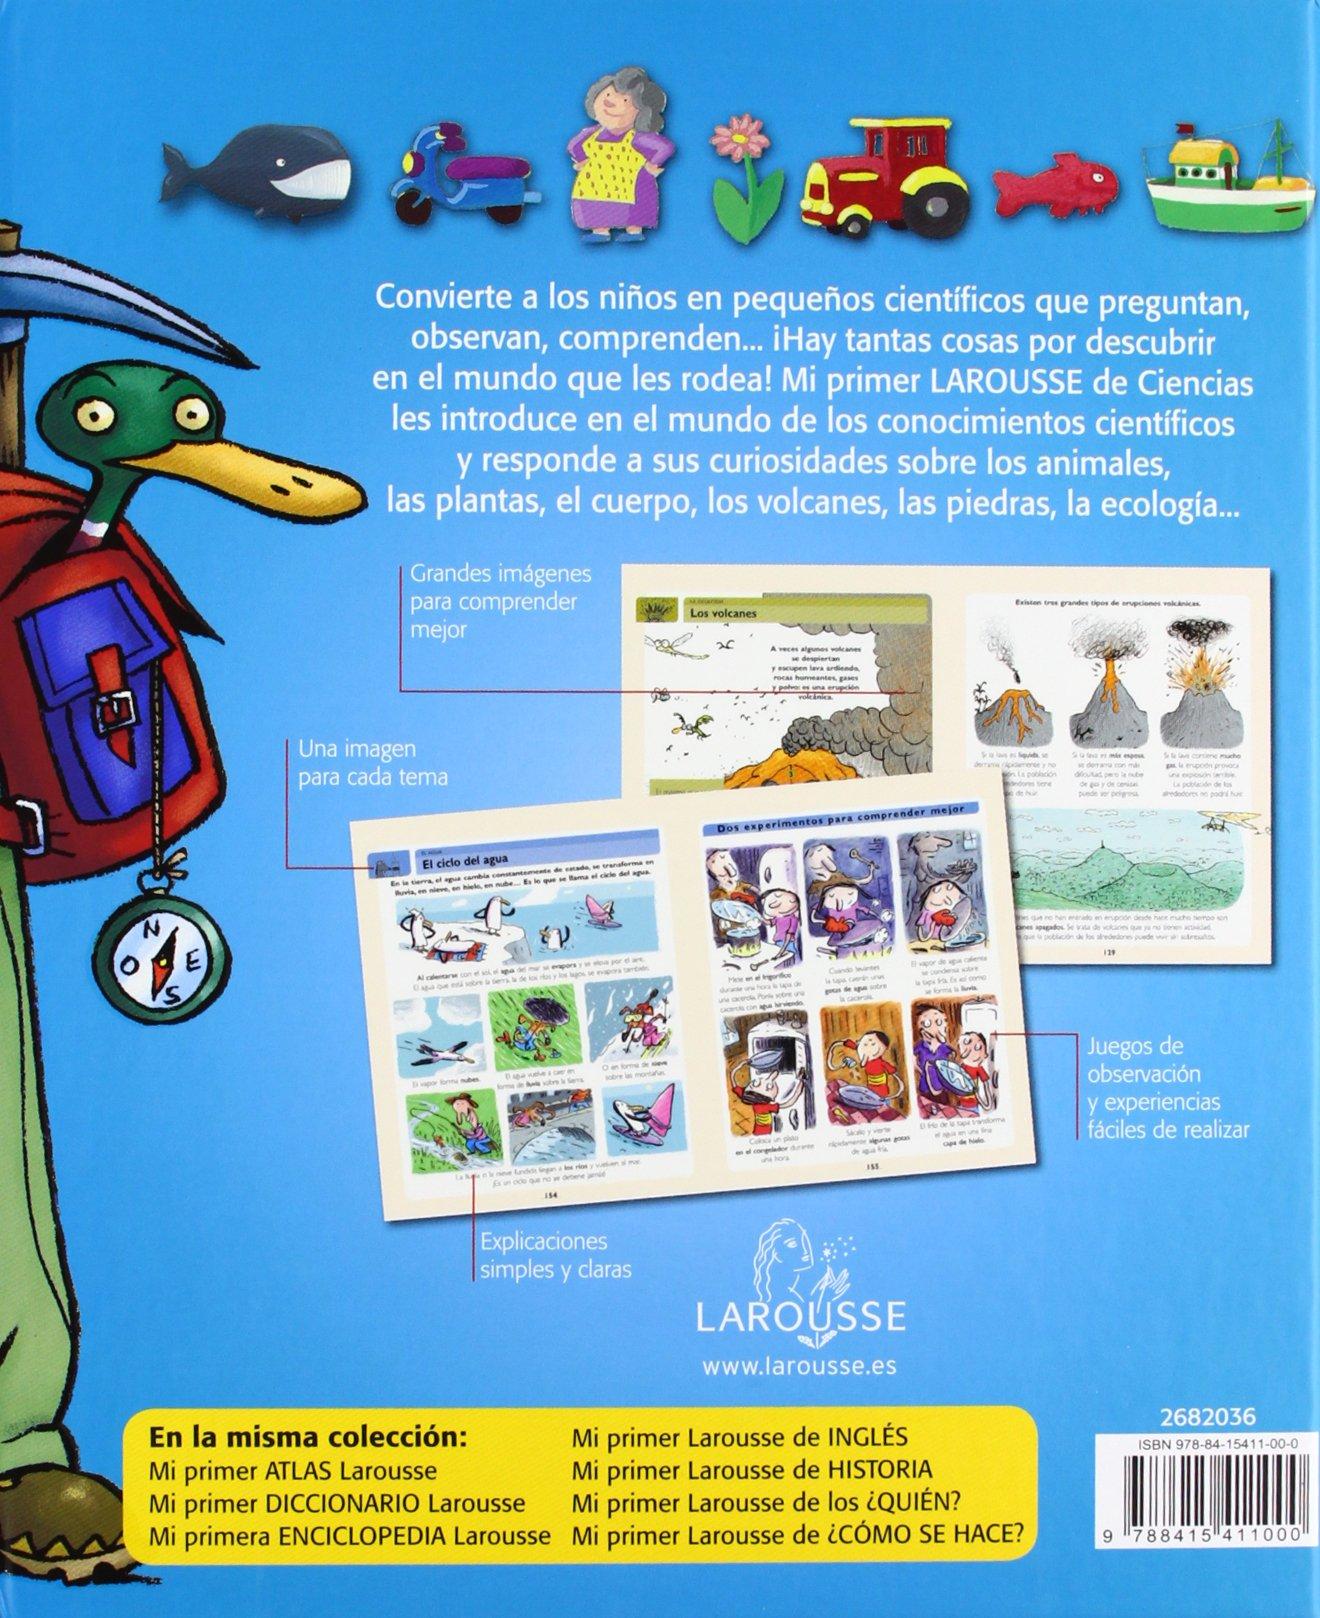 Mi primer Larousse de Ciencias Larousse - Infantil / Juvenil - Castellano -  A Partir De 8 Años: Amazon.es: Aa.Vv.: Libros